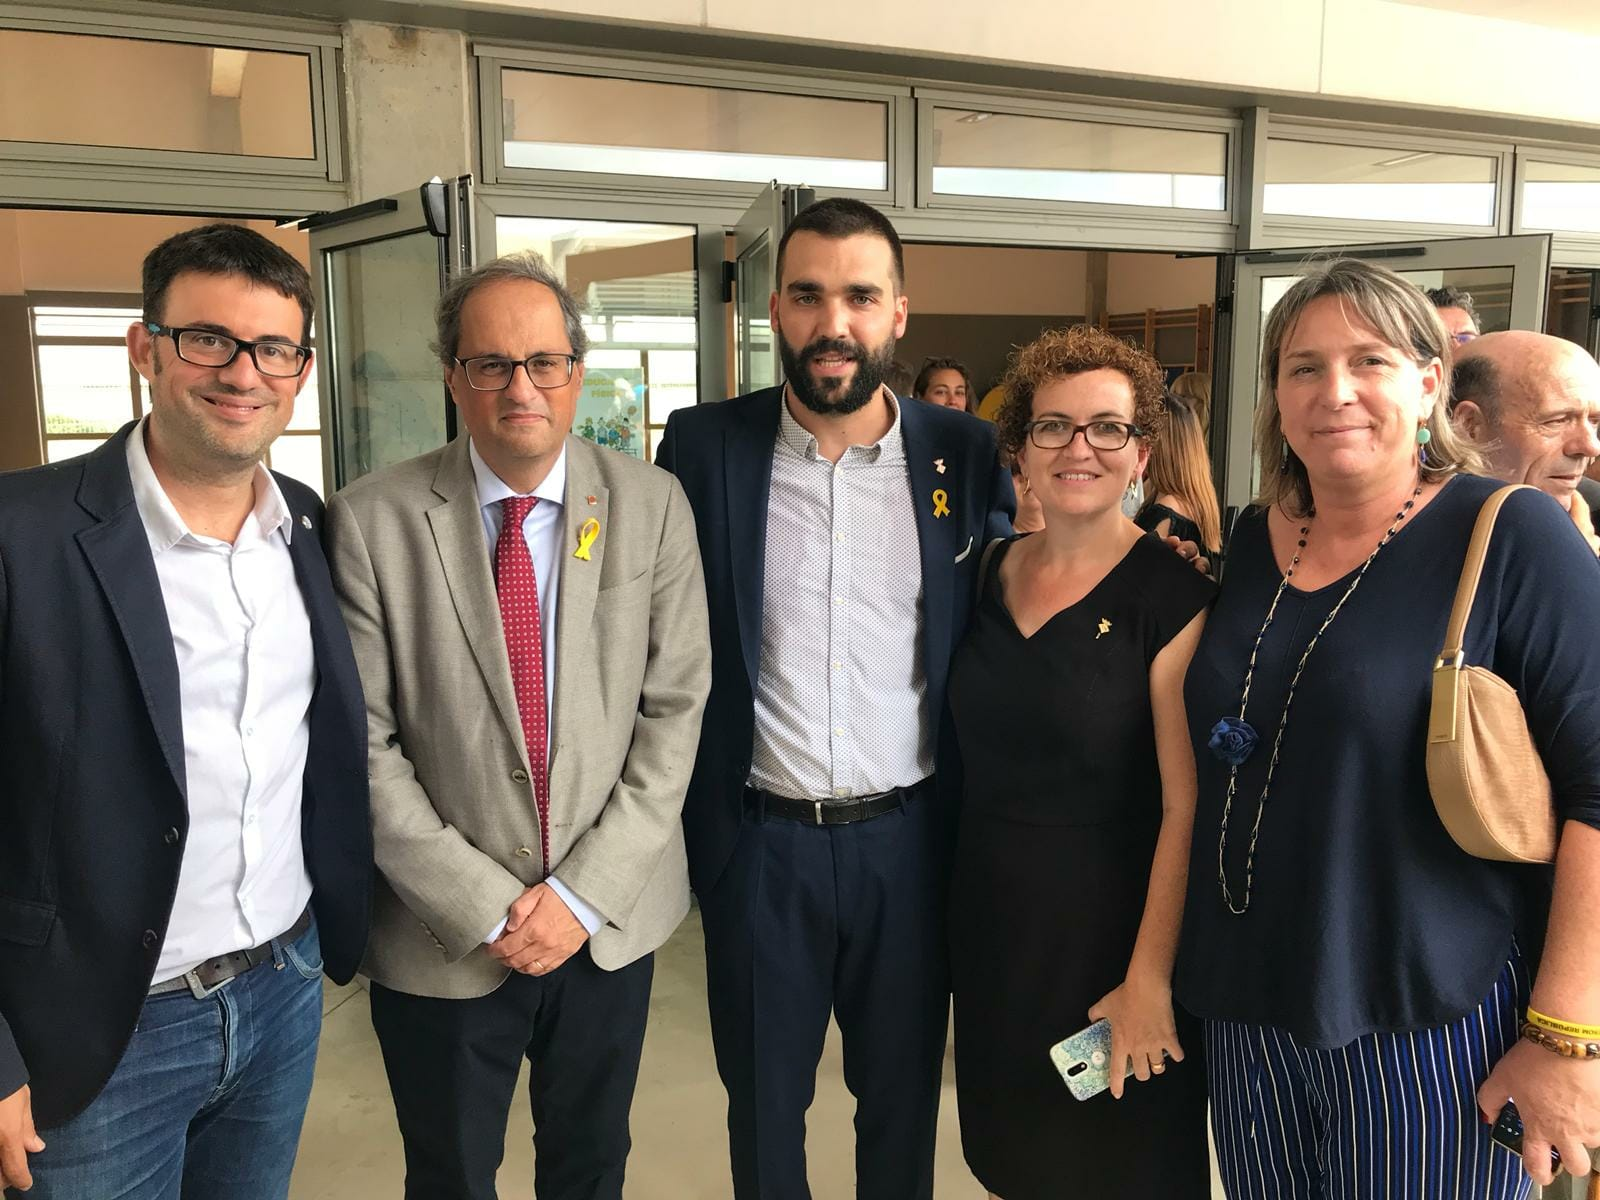 L'alcaldessa de la Bisbal del Penedès i la primera tinent d'alcaldia han assistit aquest dissabte 15 de setembre a la inauguració de l'Ajuntament de Llorenç del Penedès